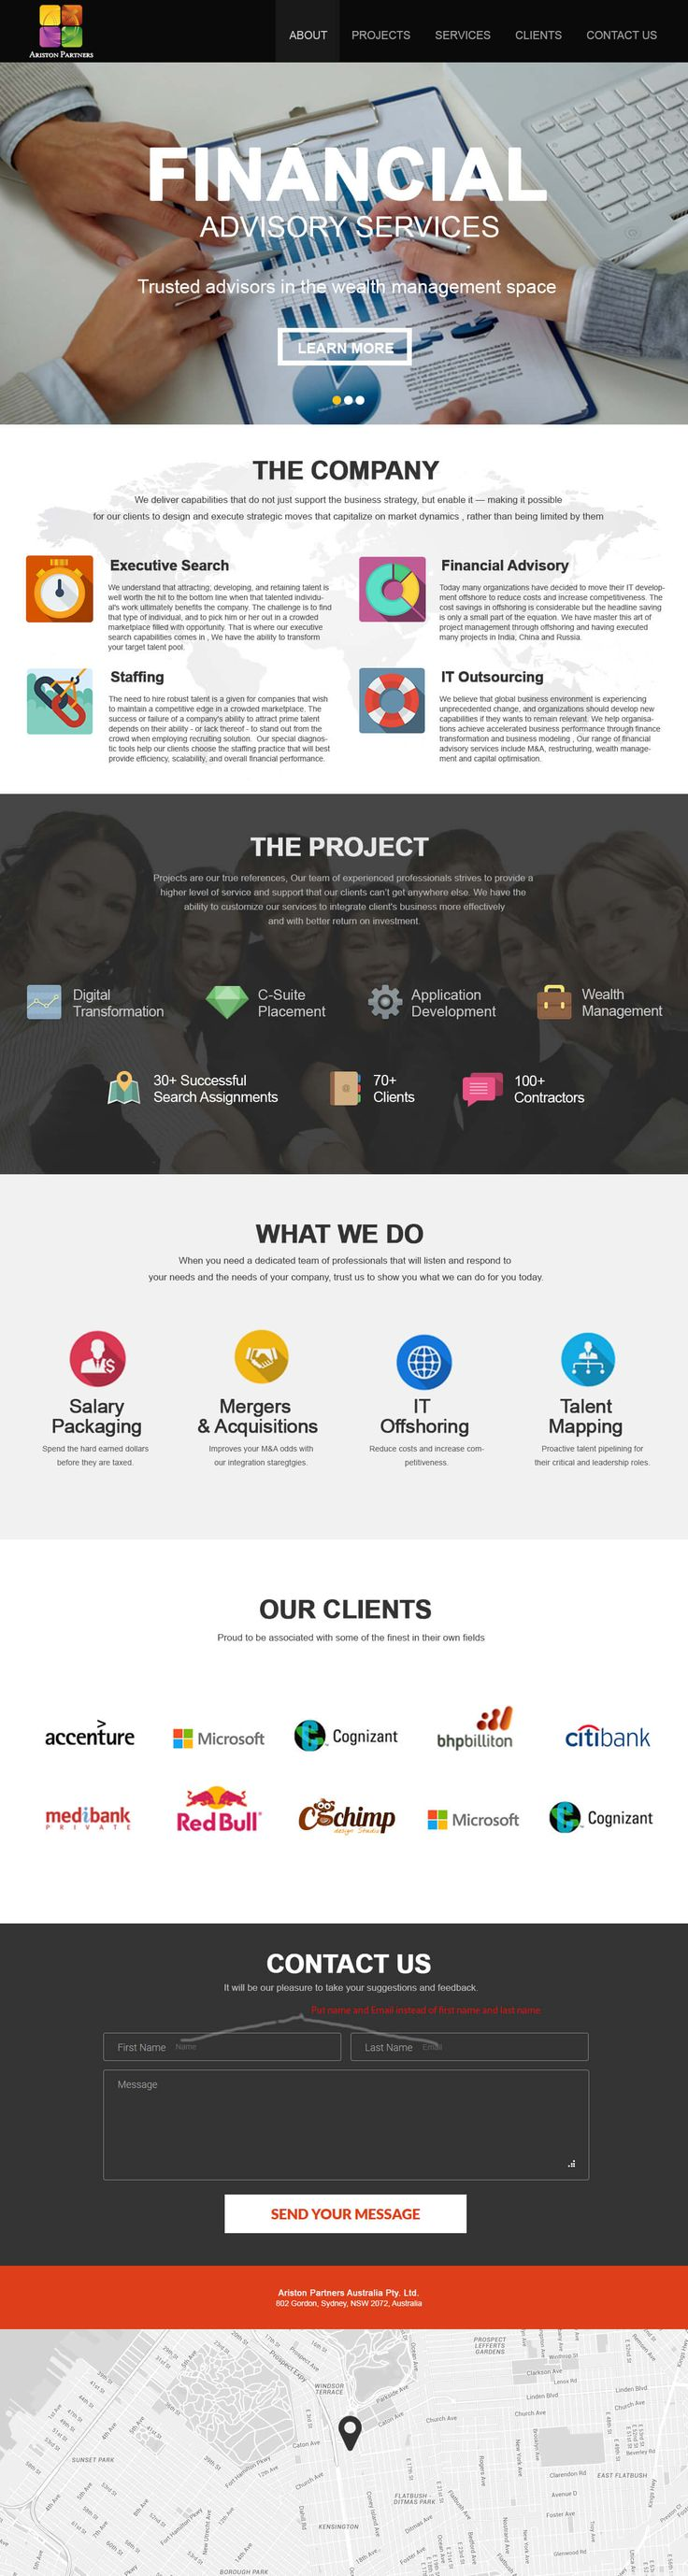 37 best Web page design images on Pinterest   Design portfolios and ...